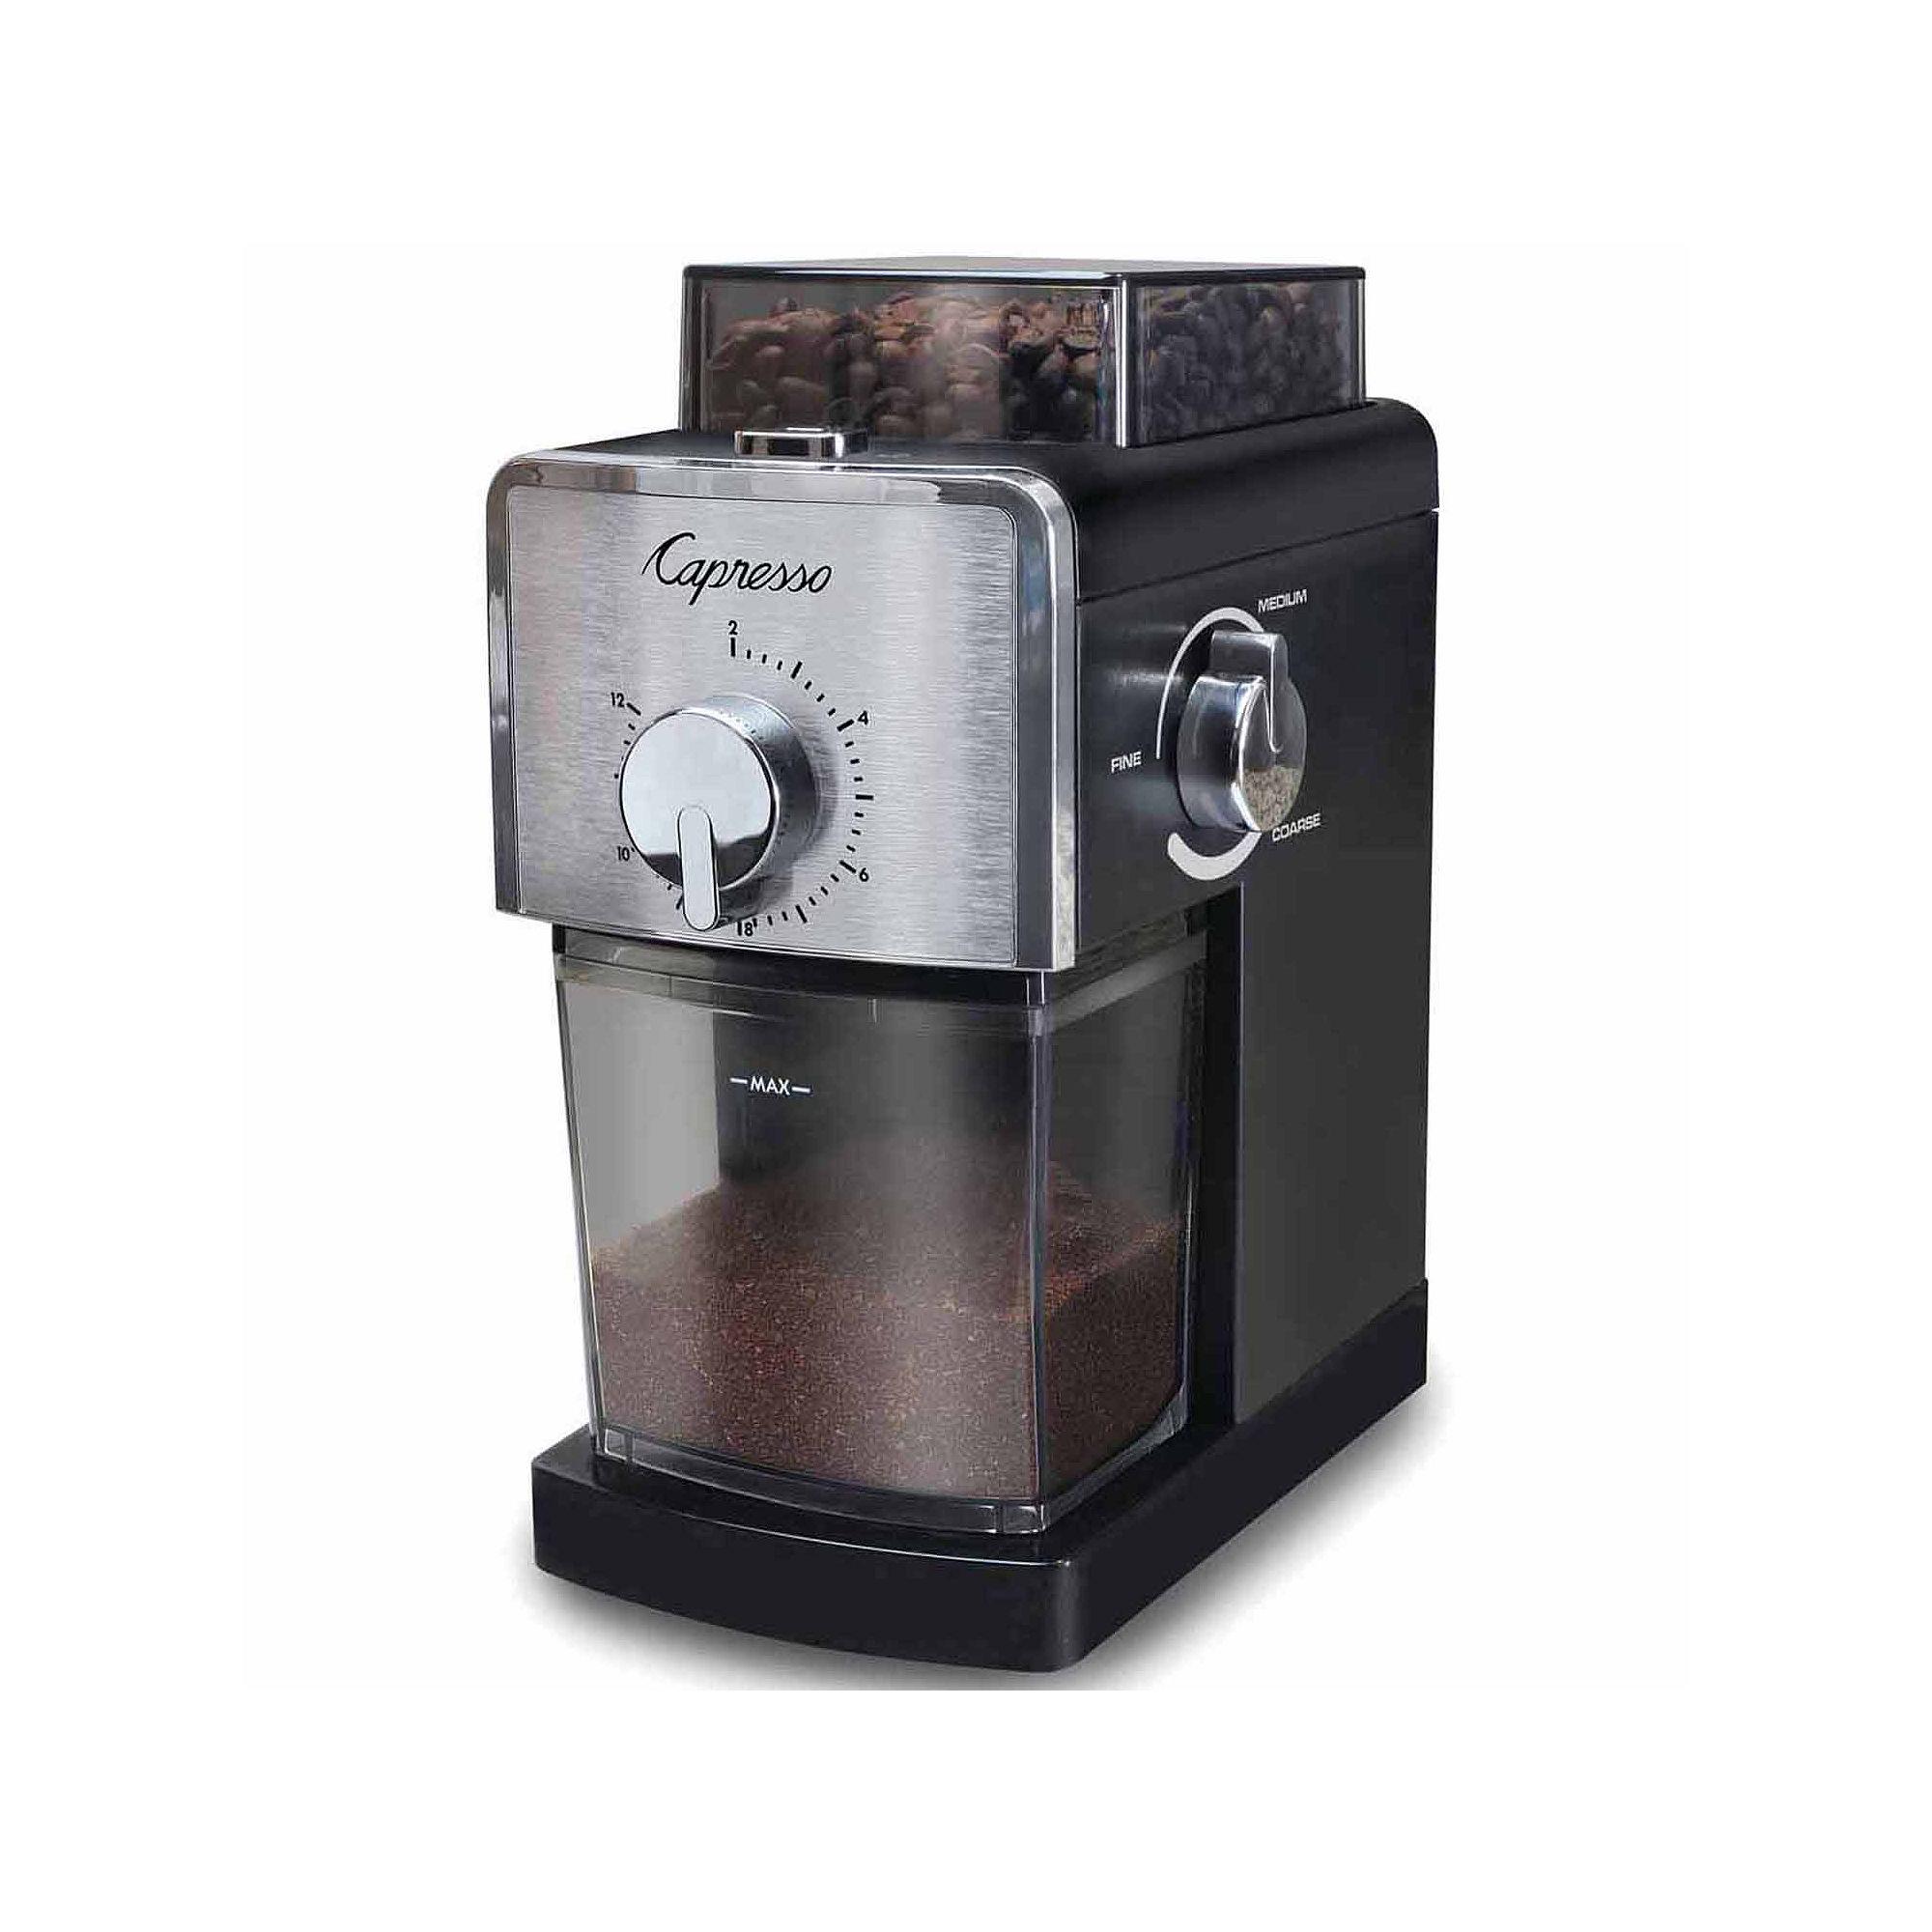 JuCapresso Coffee Burr Grinder